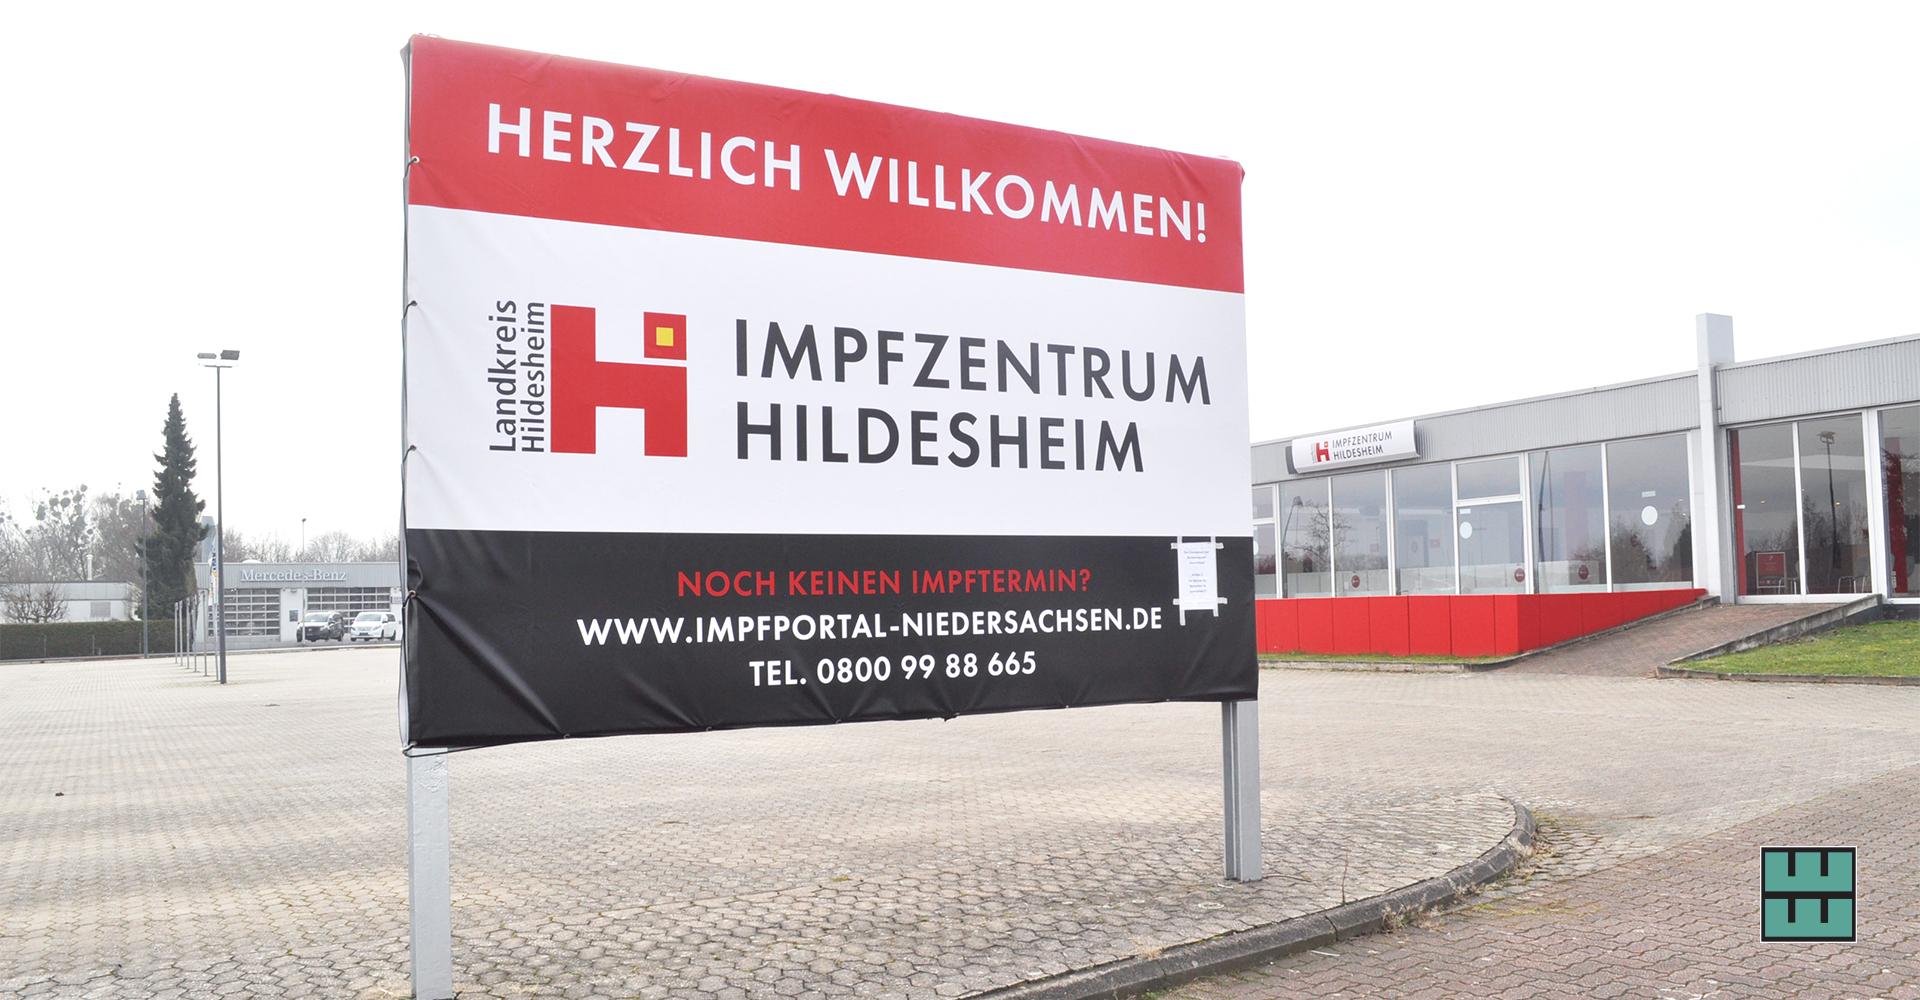 Errichtung, Einrichtung und Beschriftung der Impfzentren in Alfeld, Hildesheim und Holzminden inkl. Entwicklung und Gestaltung des Leitsystems.